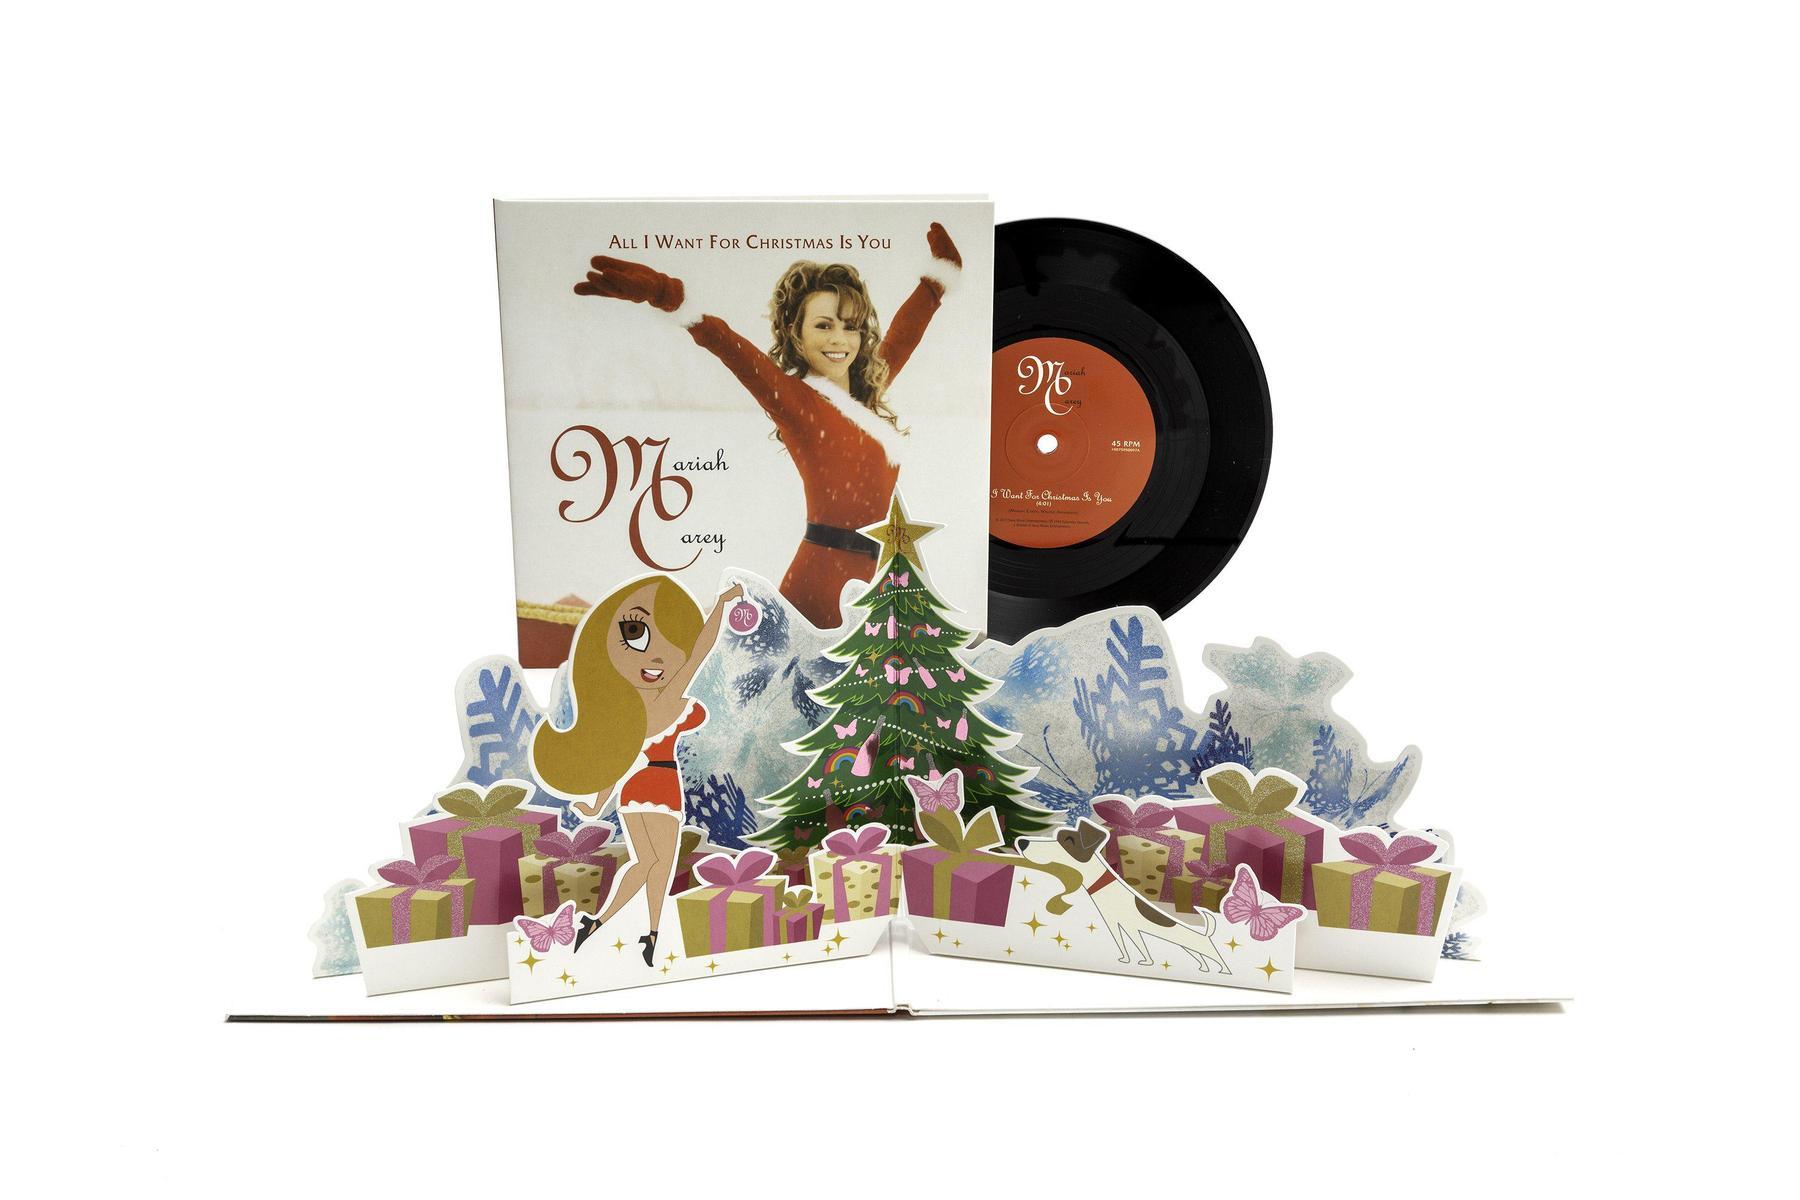 """Mariah Carey - All I want For Christmas Is You Single [Vinil 7"""" - Edição Limitada]"""